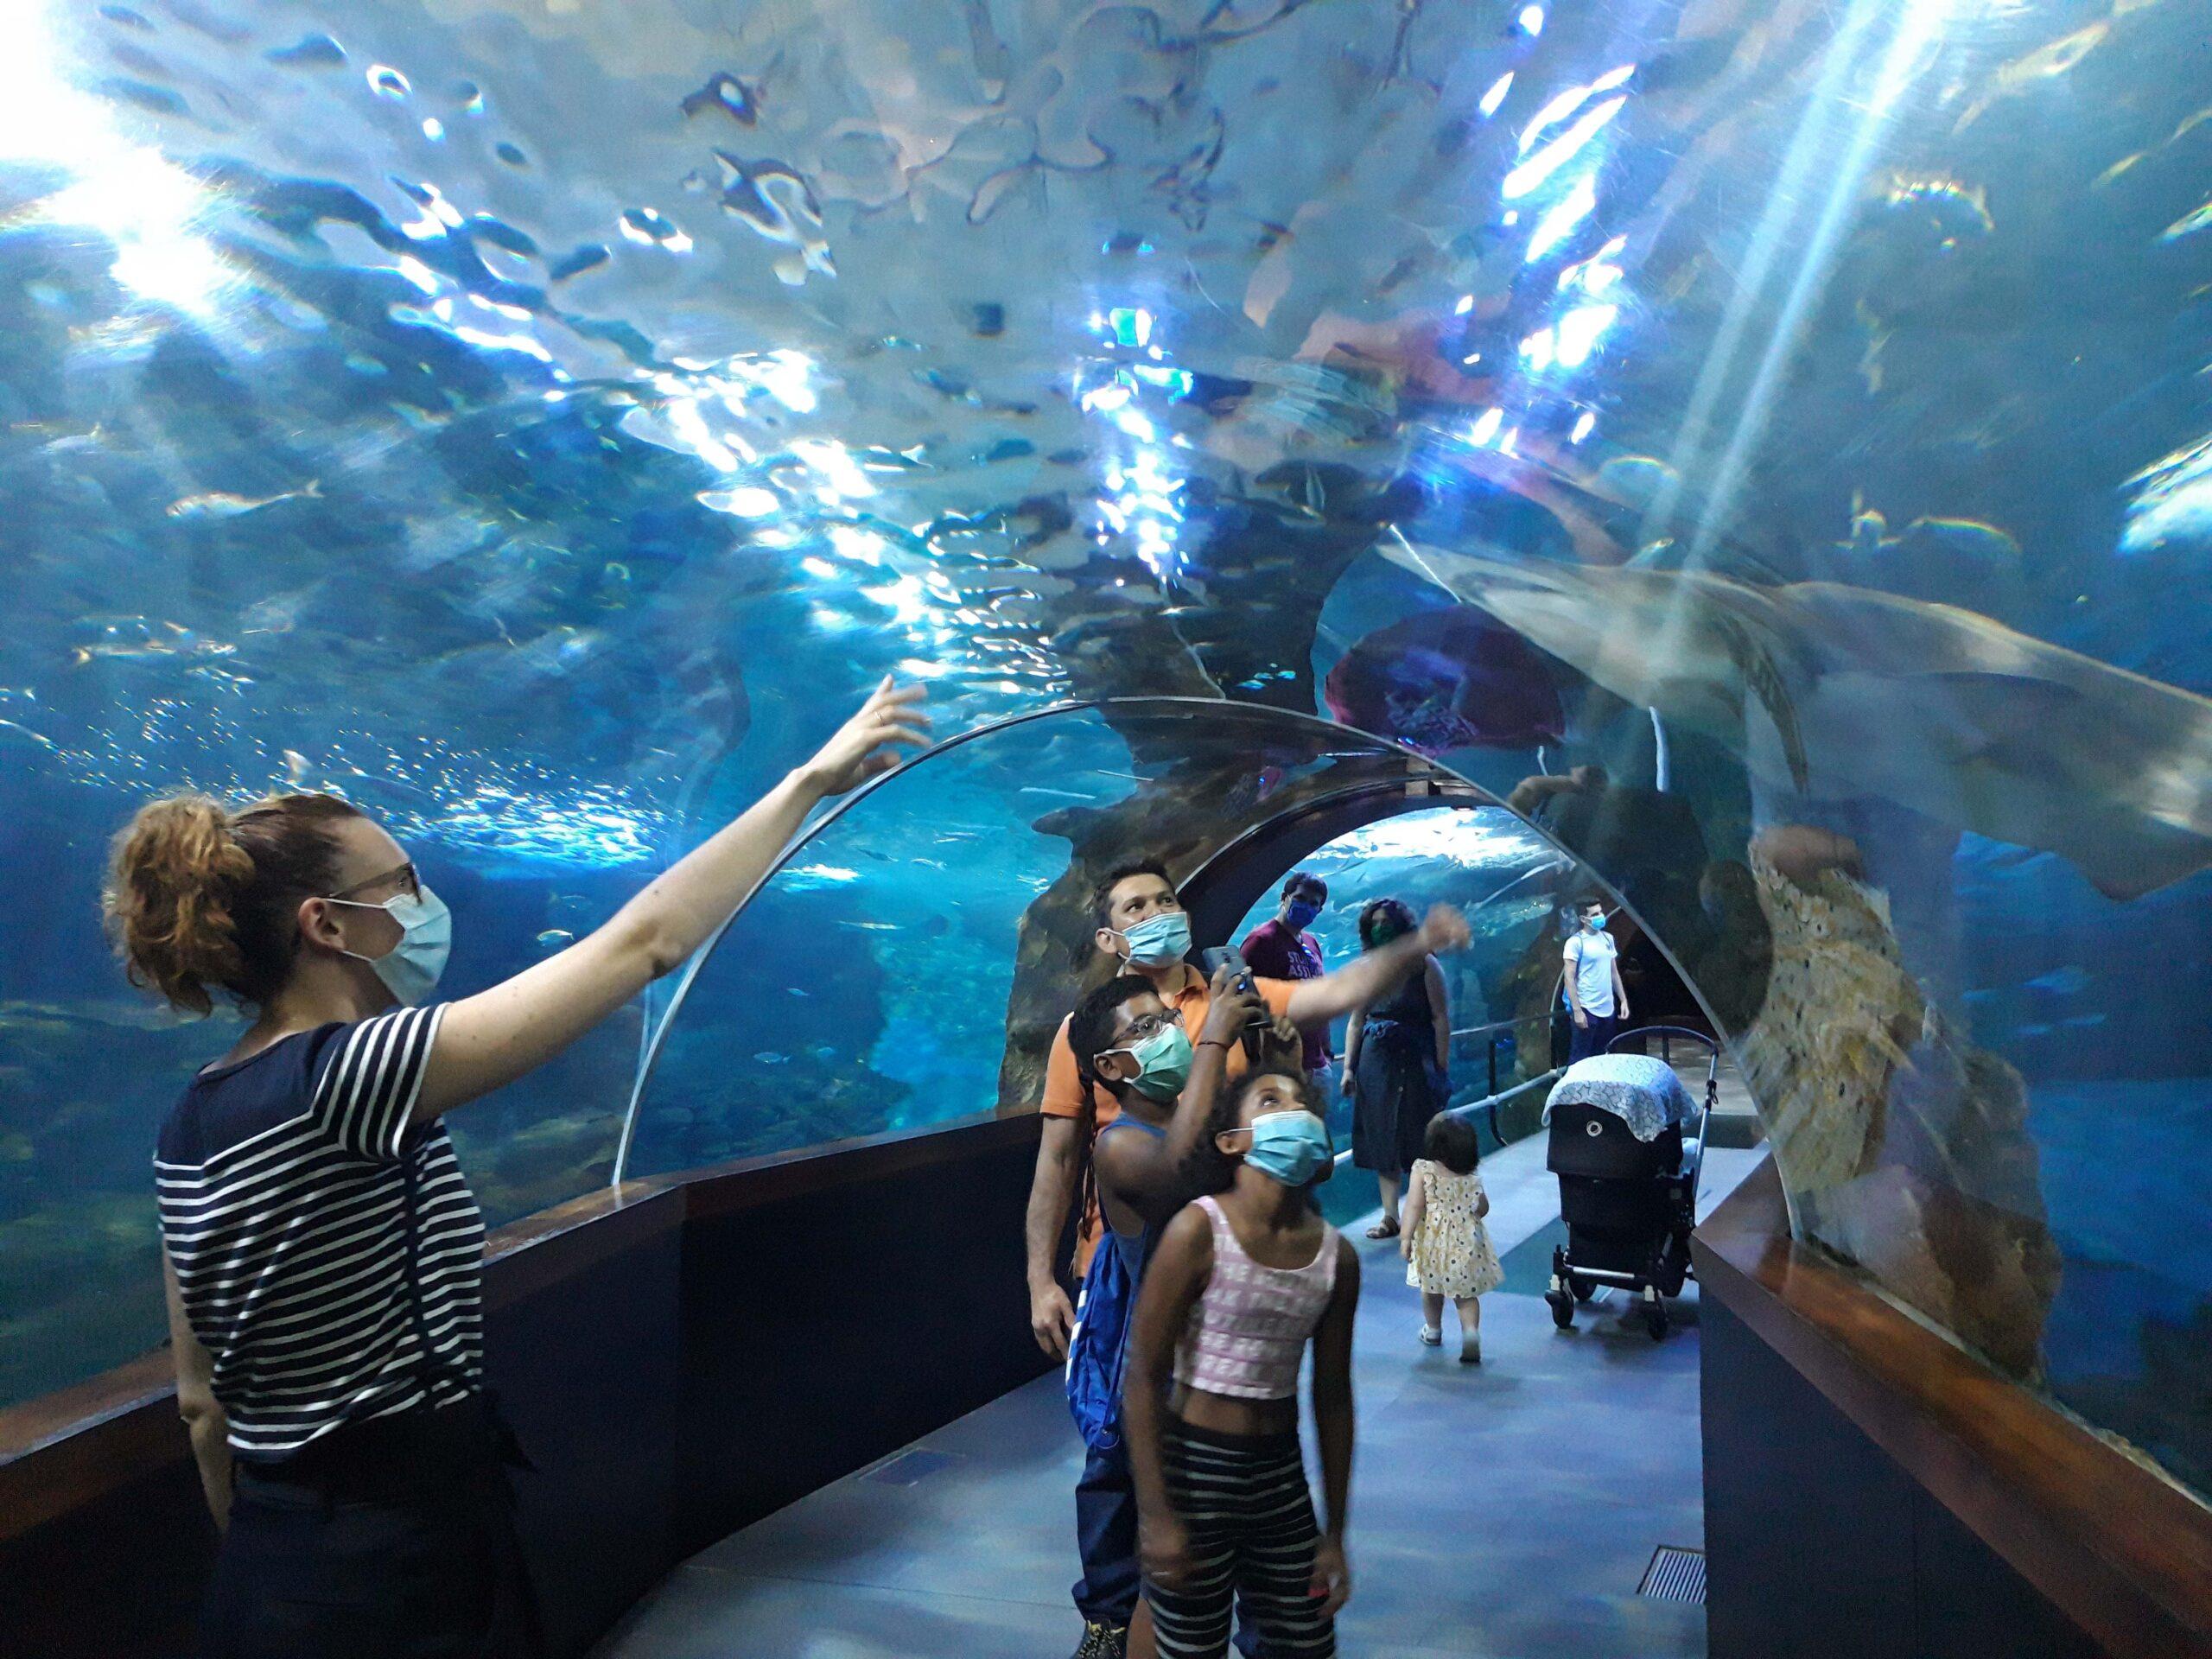 Visitantes en el túnel del Aquarium. Foto: Aquarium de Donostia